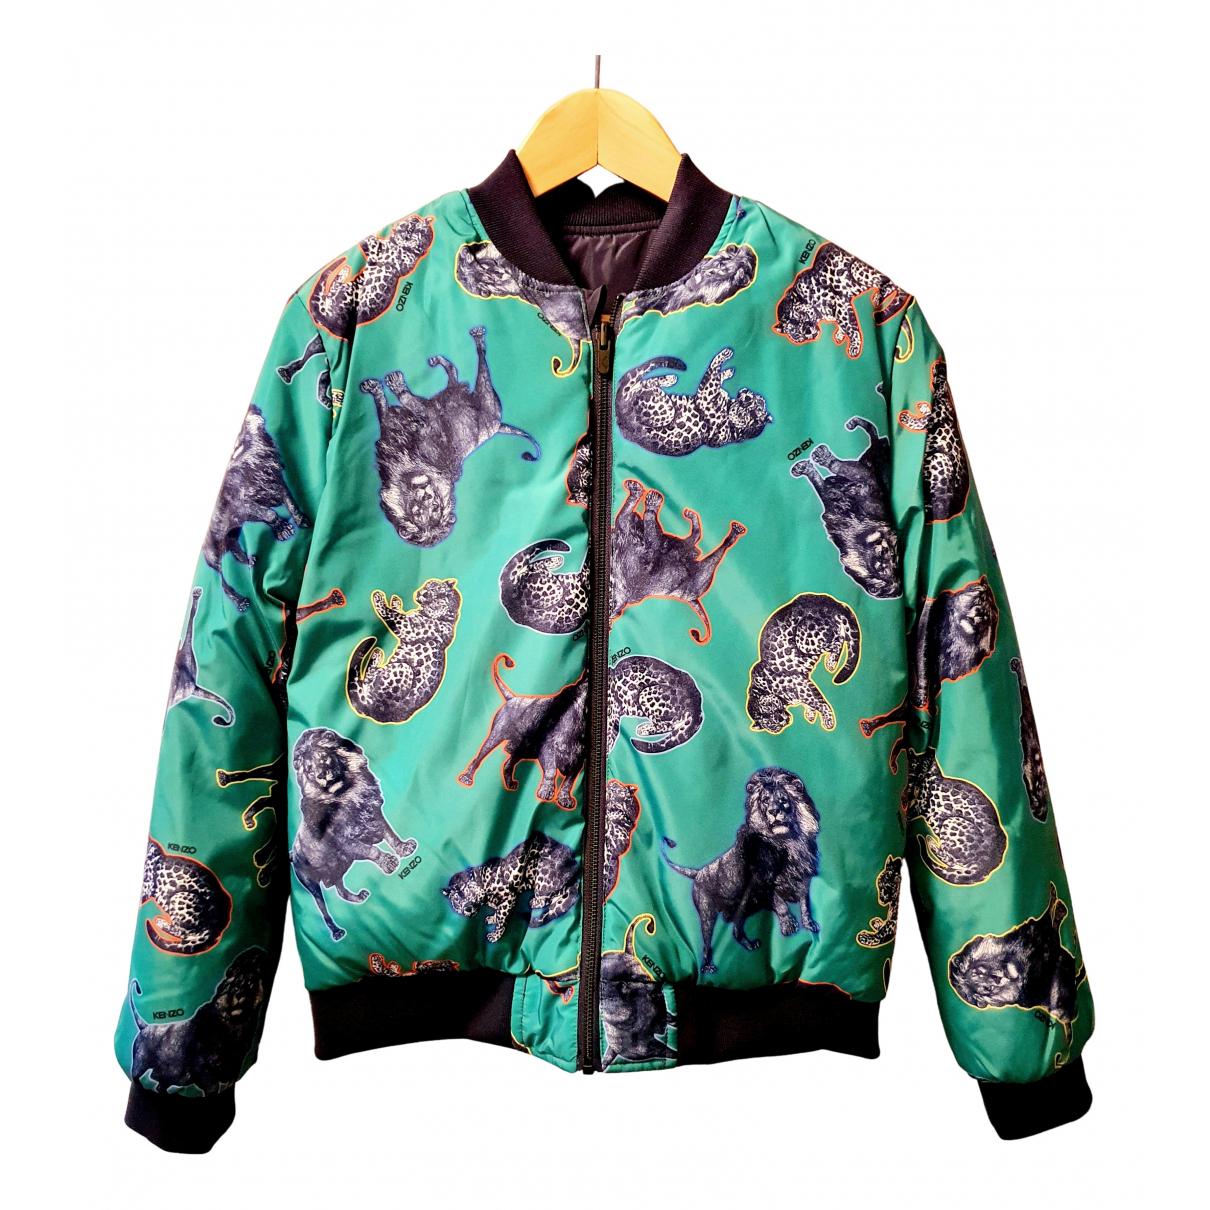 Kenzo - Blousons.Manteaux   pour enfant - multicolore